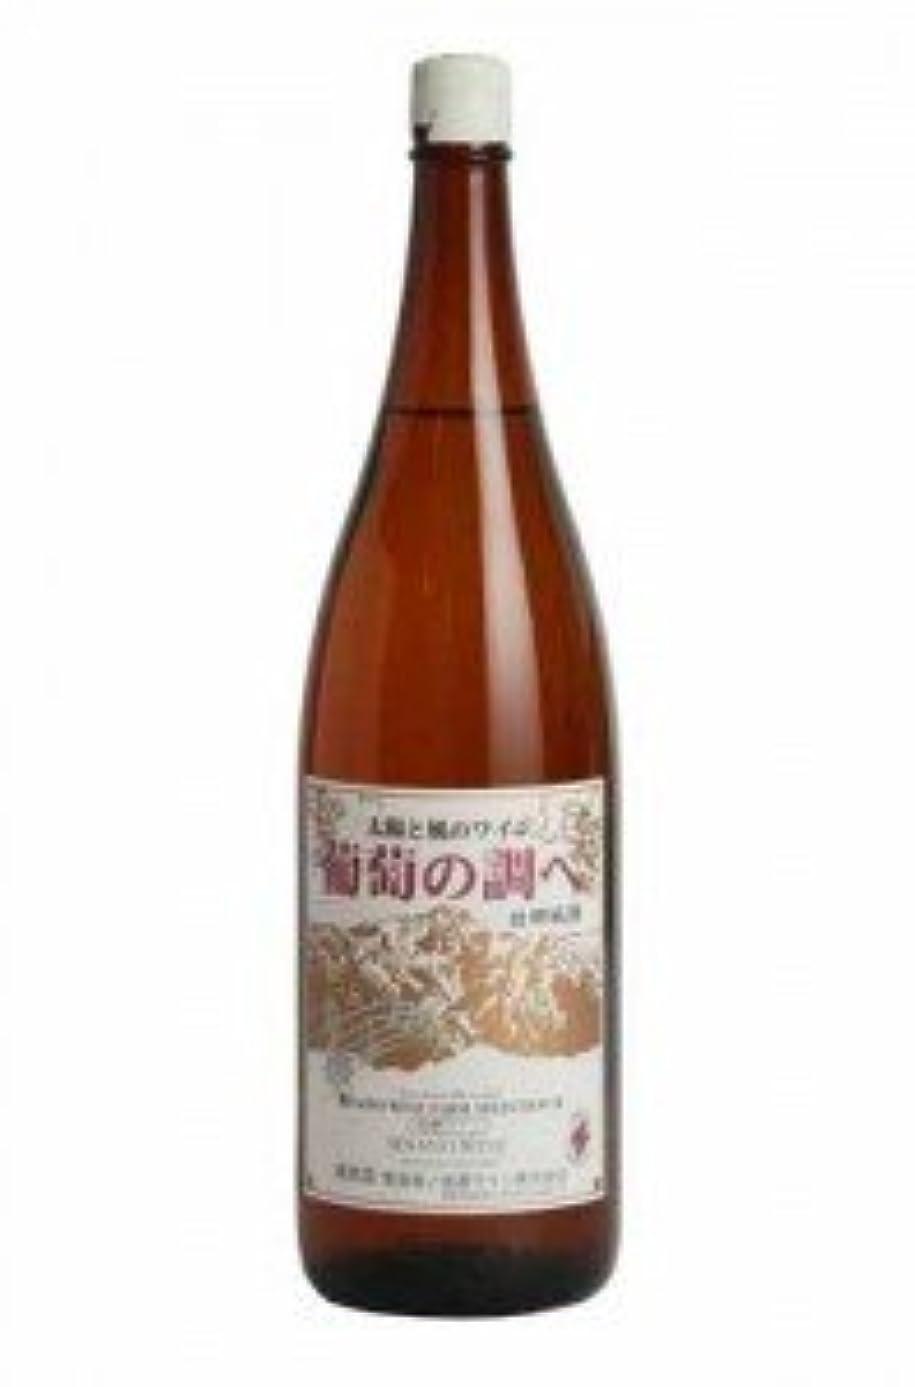 成功した立派な前信濃ワイン 葡萄の調べ 白 1800ml 辛口 ナイアガラ 【 長野 桔梗ヶ原 】